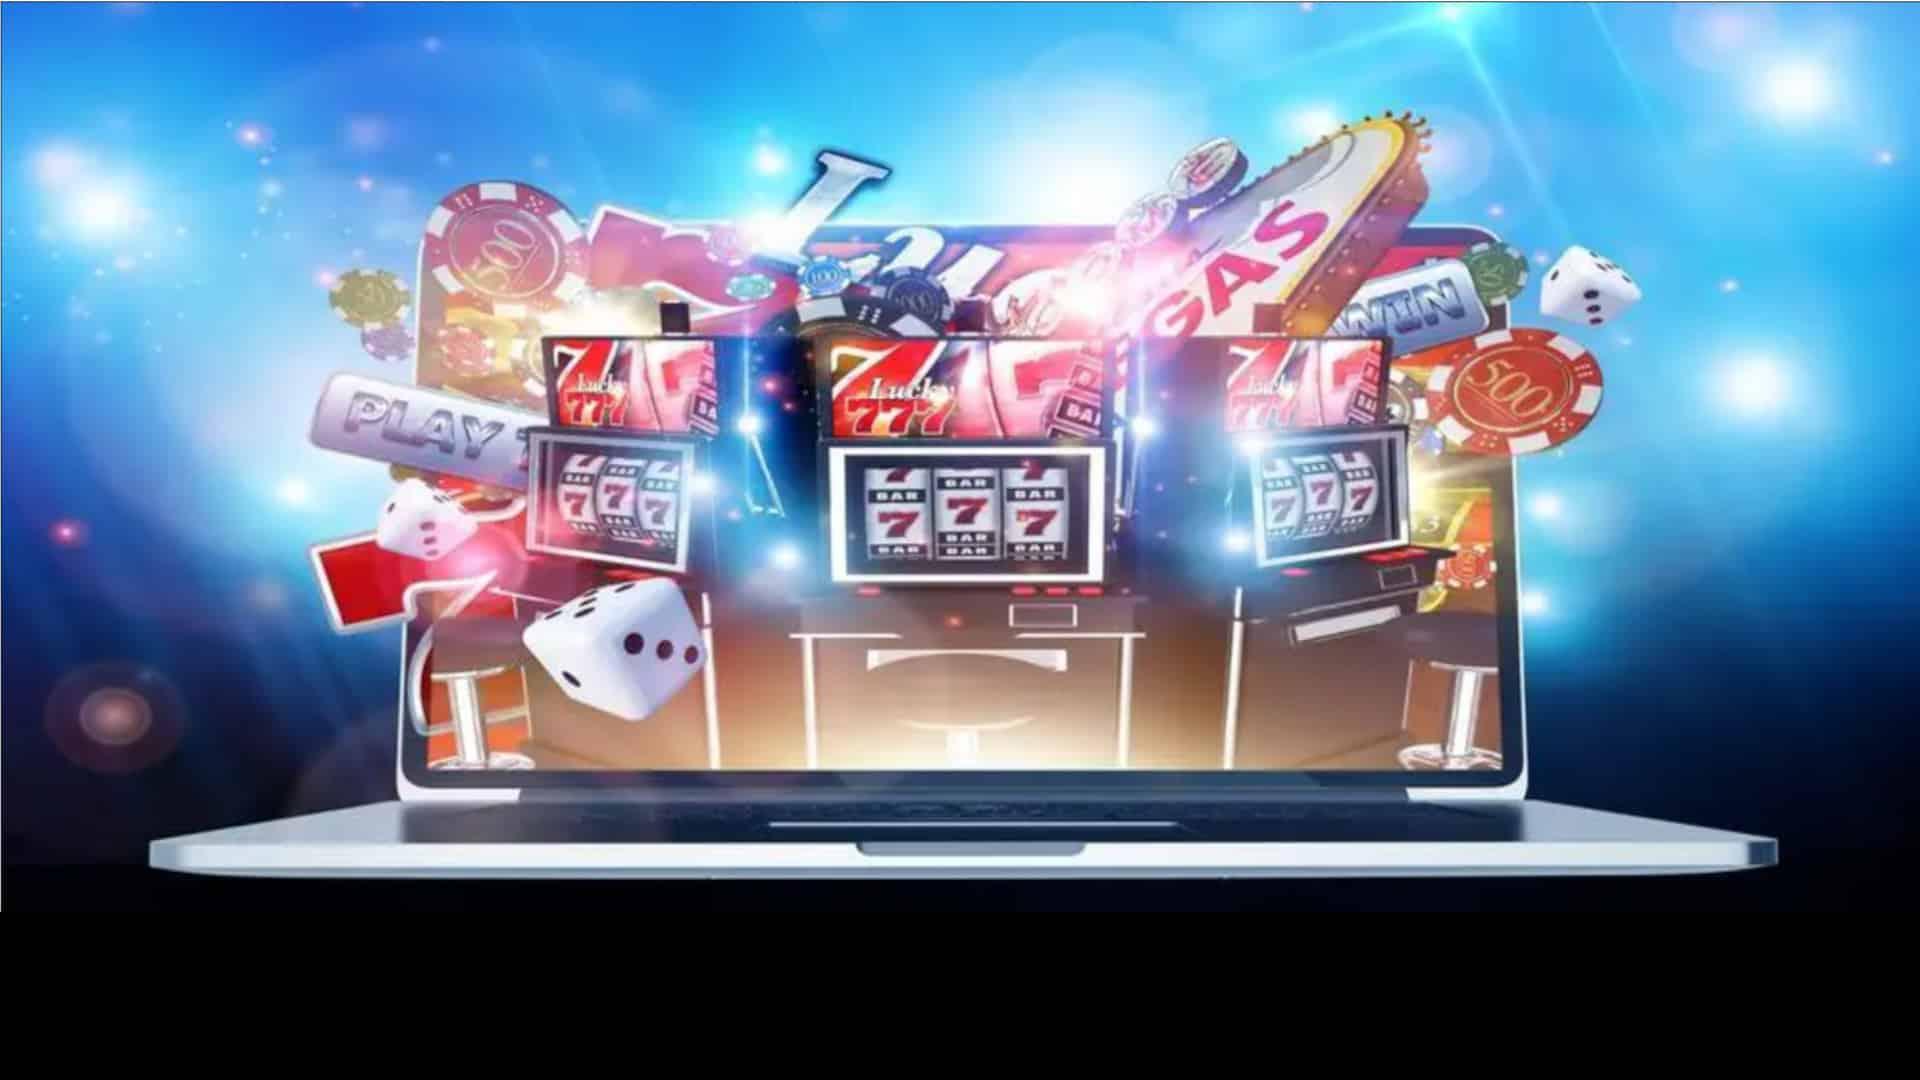 La evolución de los casinos